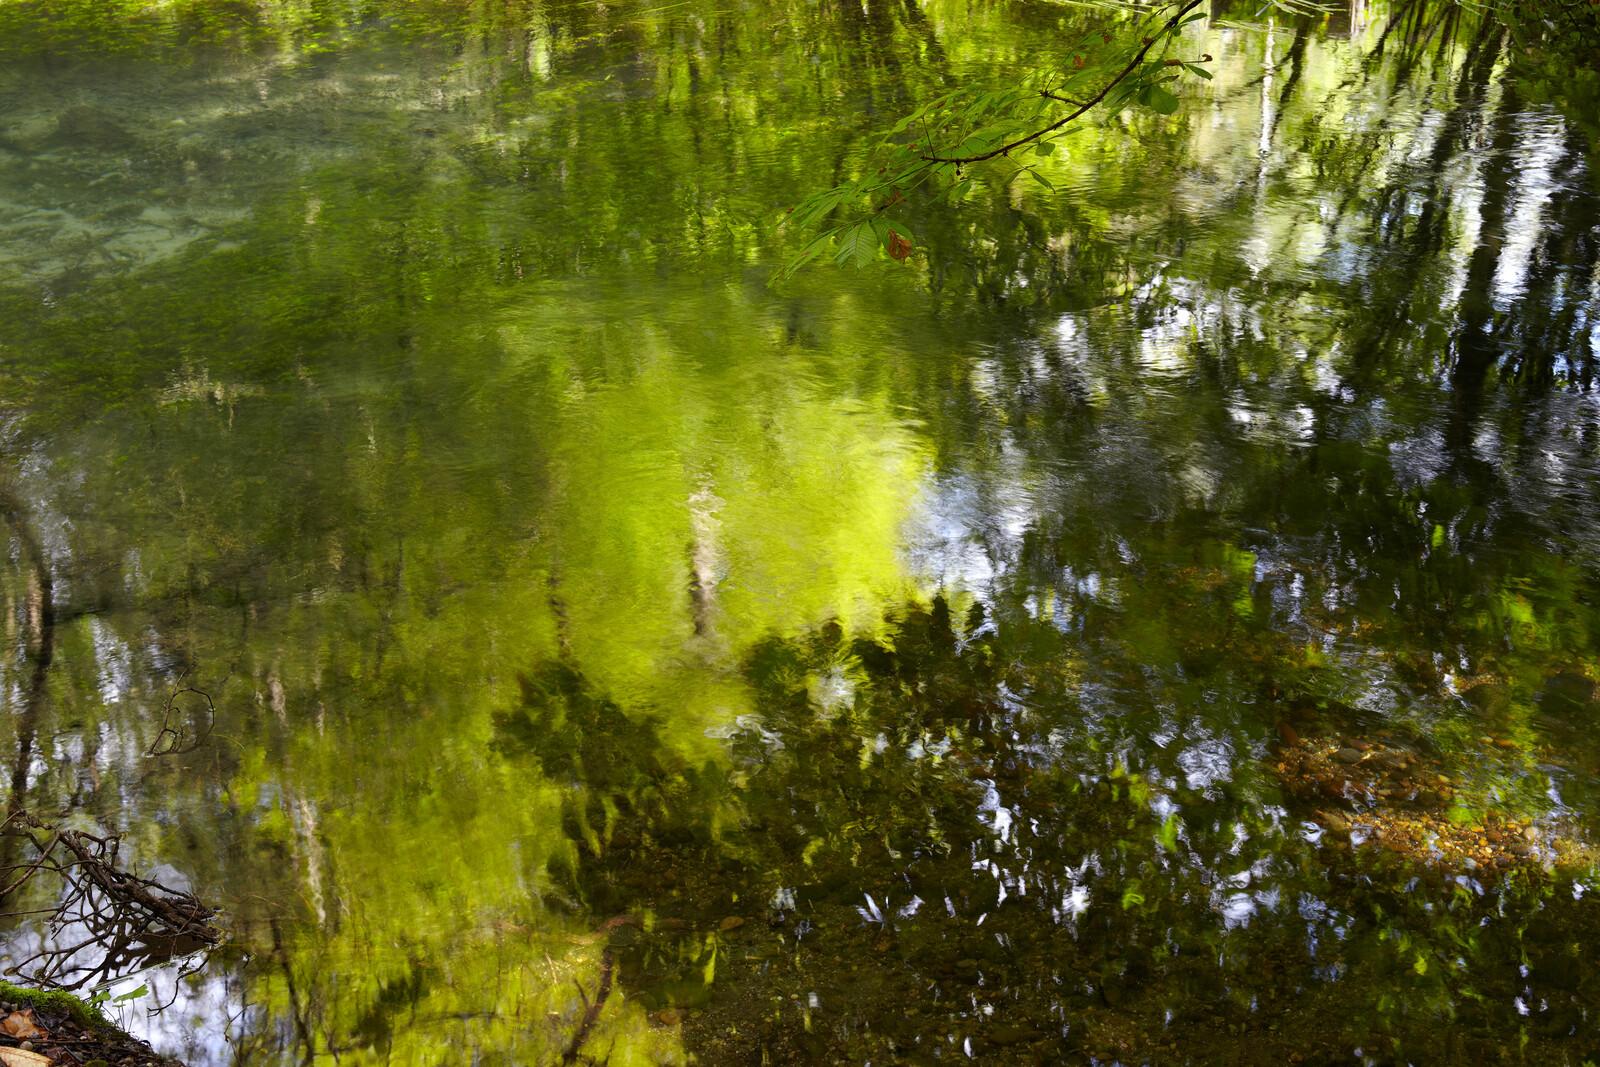 Enchanted Waters III - Juraj Lipscher